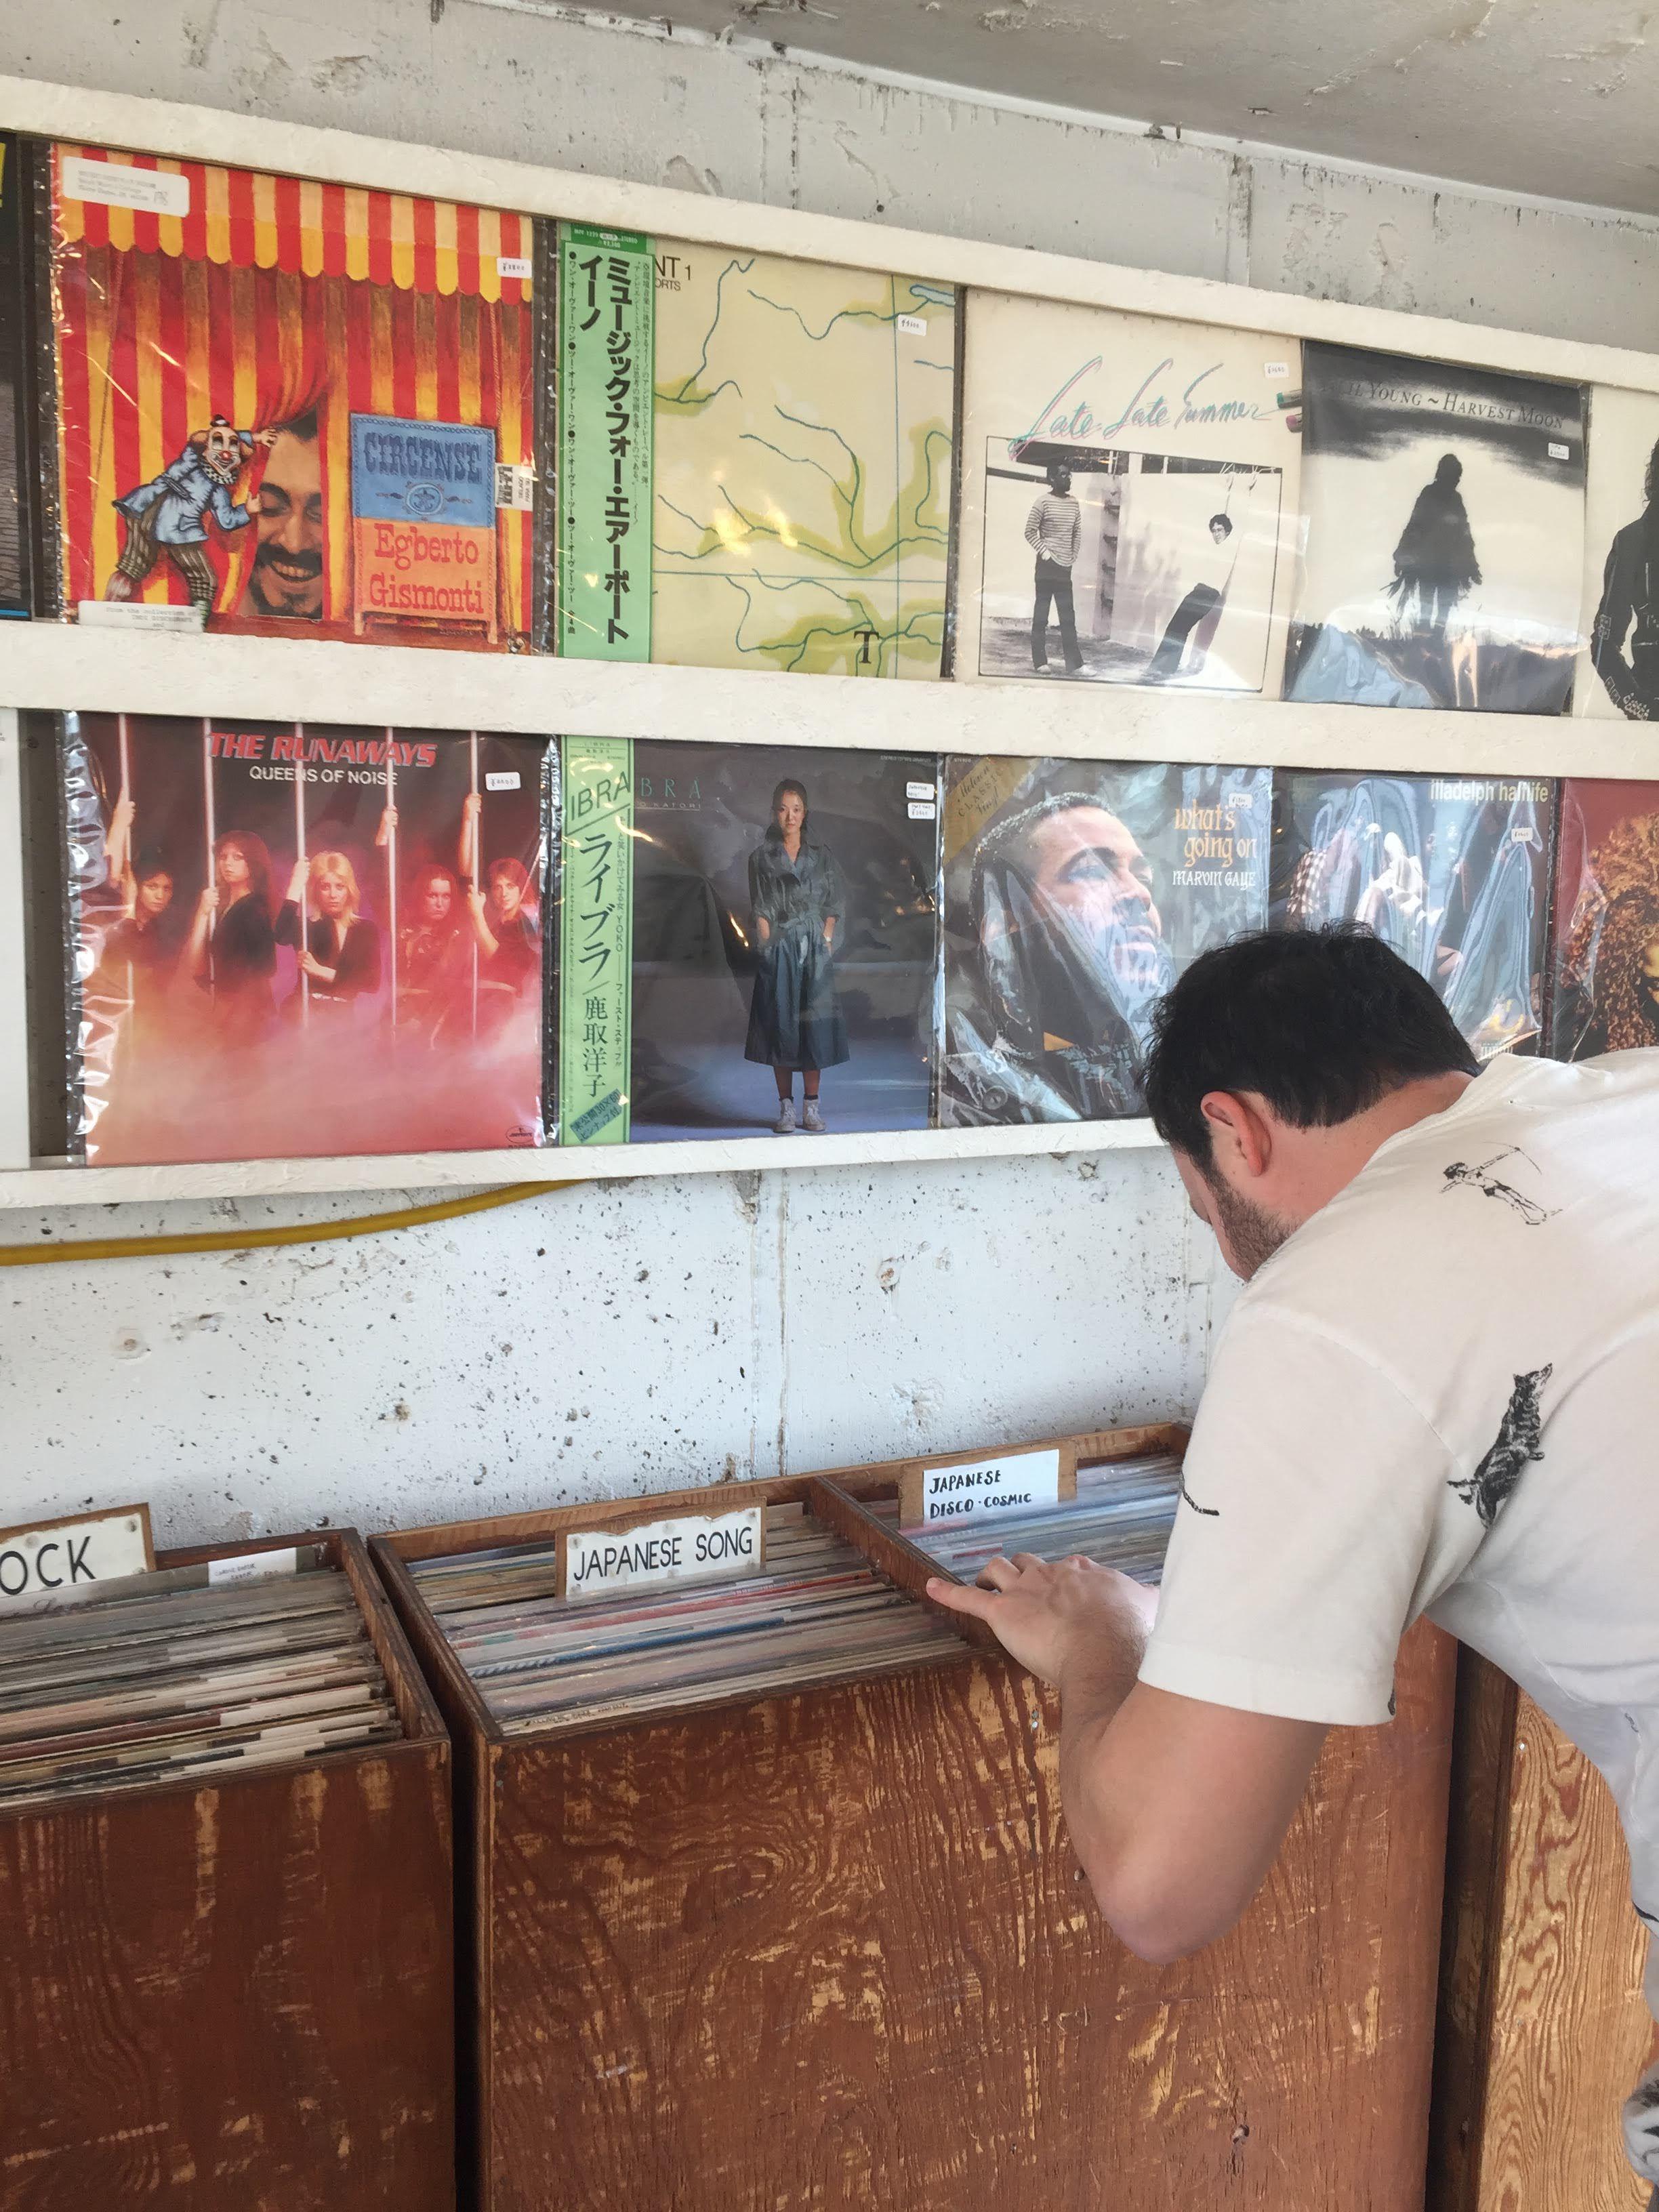 Digging for records at City Country City Record Shop in Shimokitazawa Tokyo Japan